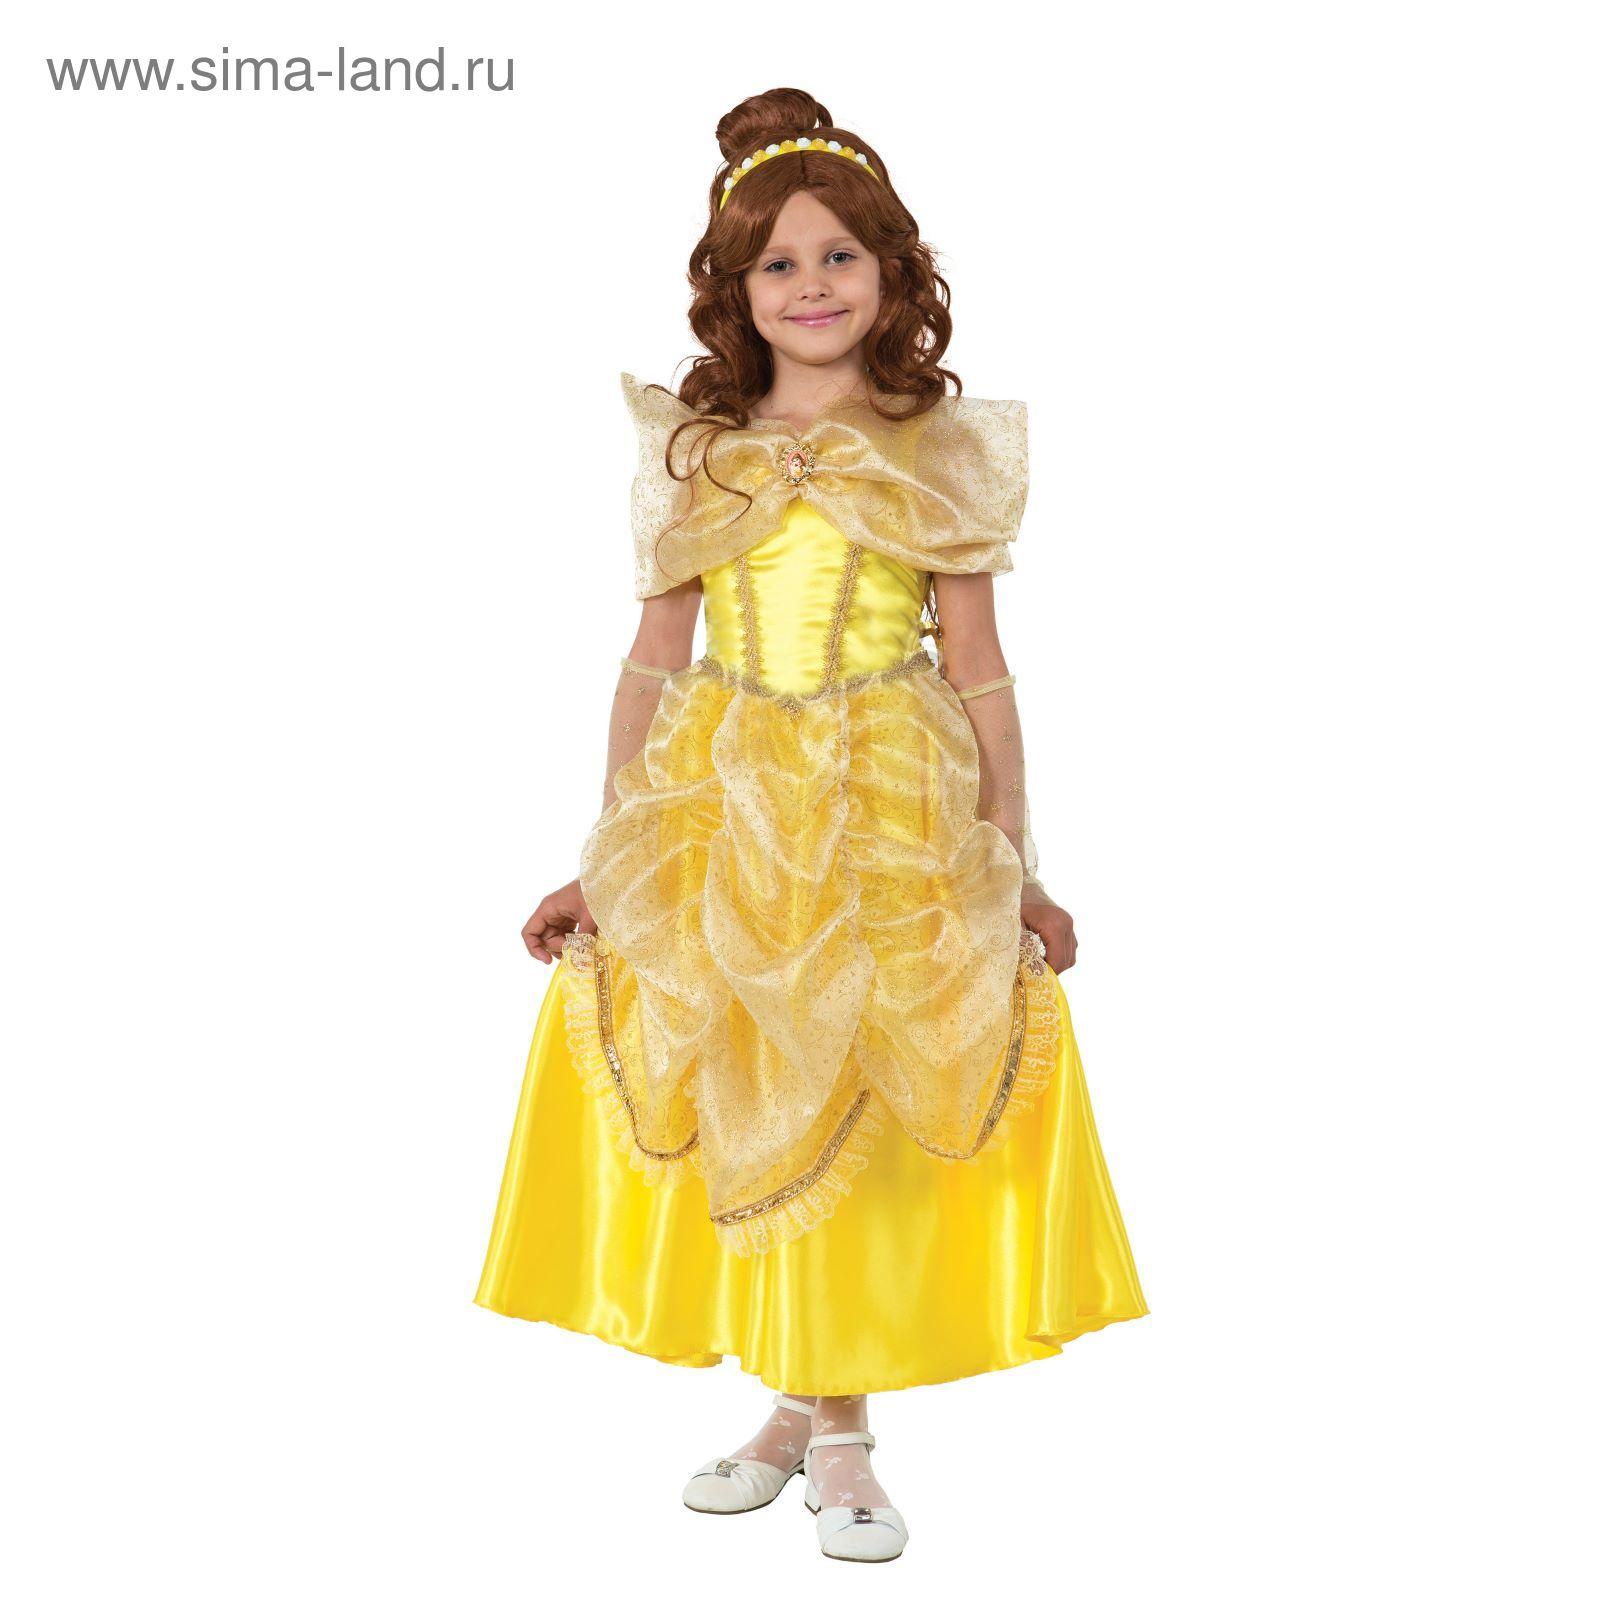 9641bb9b8e00 Карнавальный костюм «Принцесса Белль», текстиль, размер 36, рост 140 ...